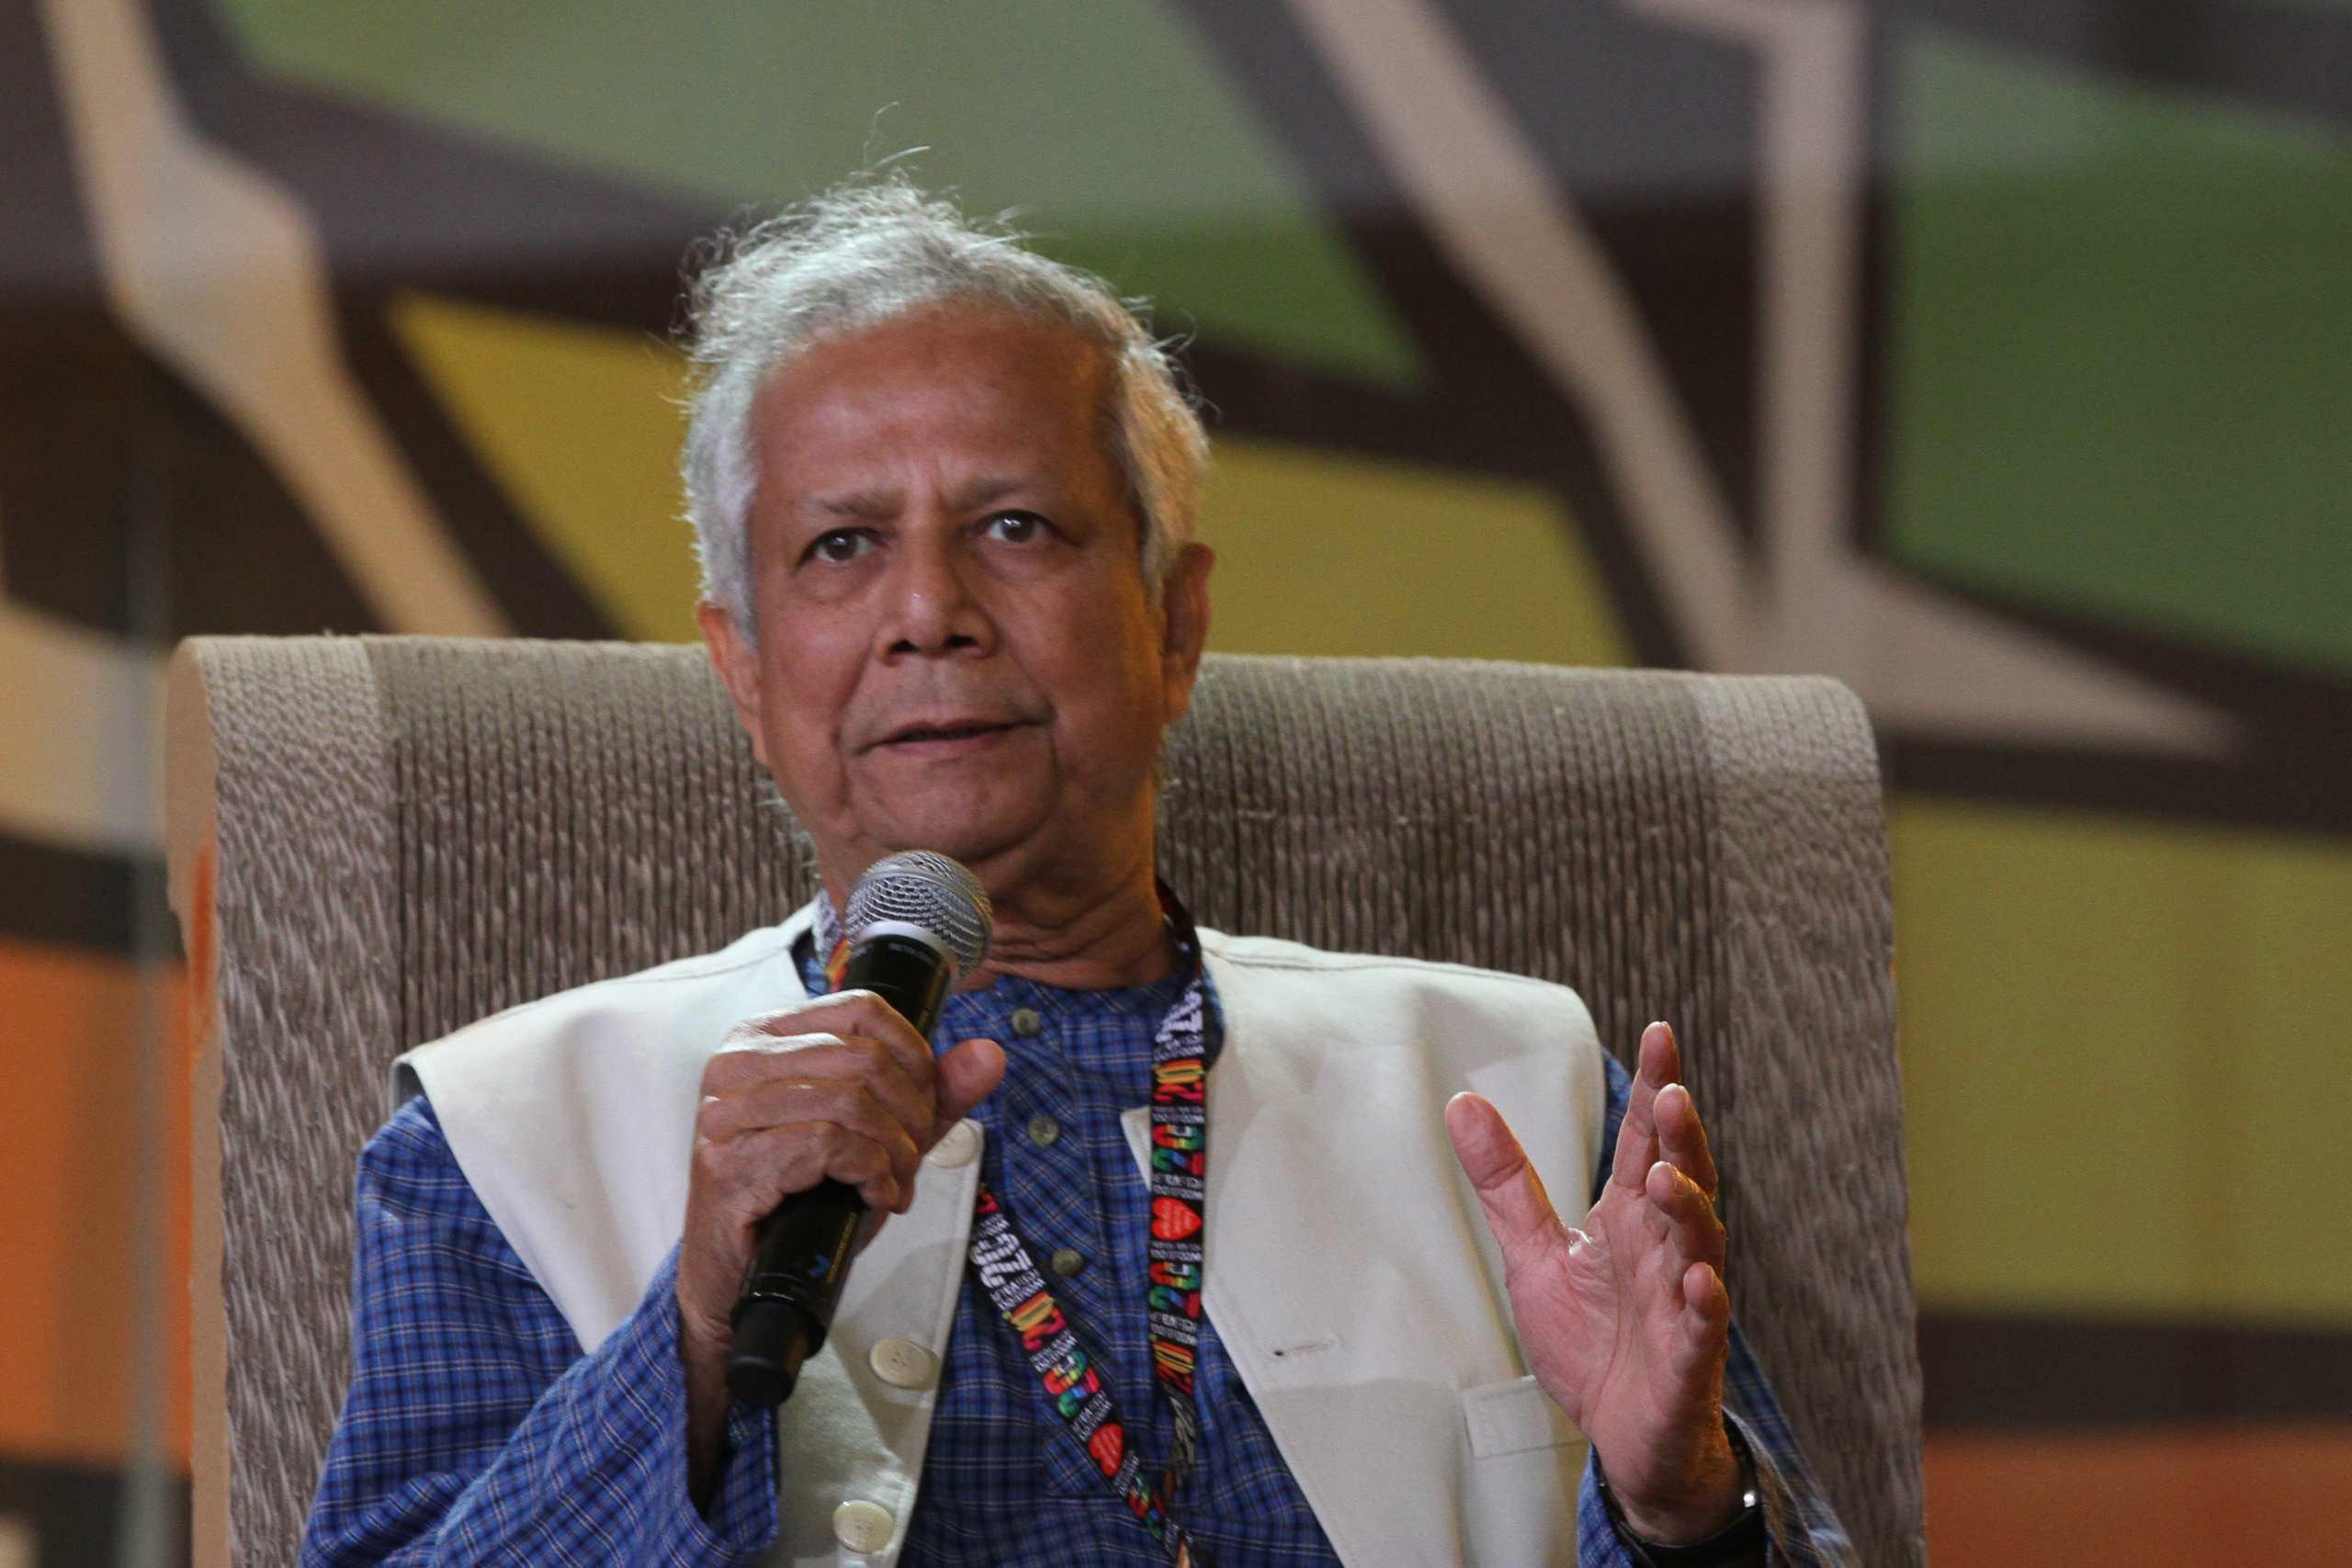 Der Interviewte, Muhammad Yunus, sitzt auf einem Stuhl und spricht in ein Mikrofon